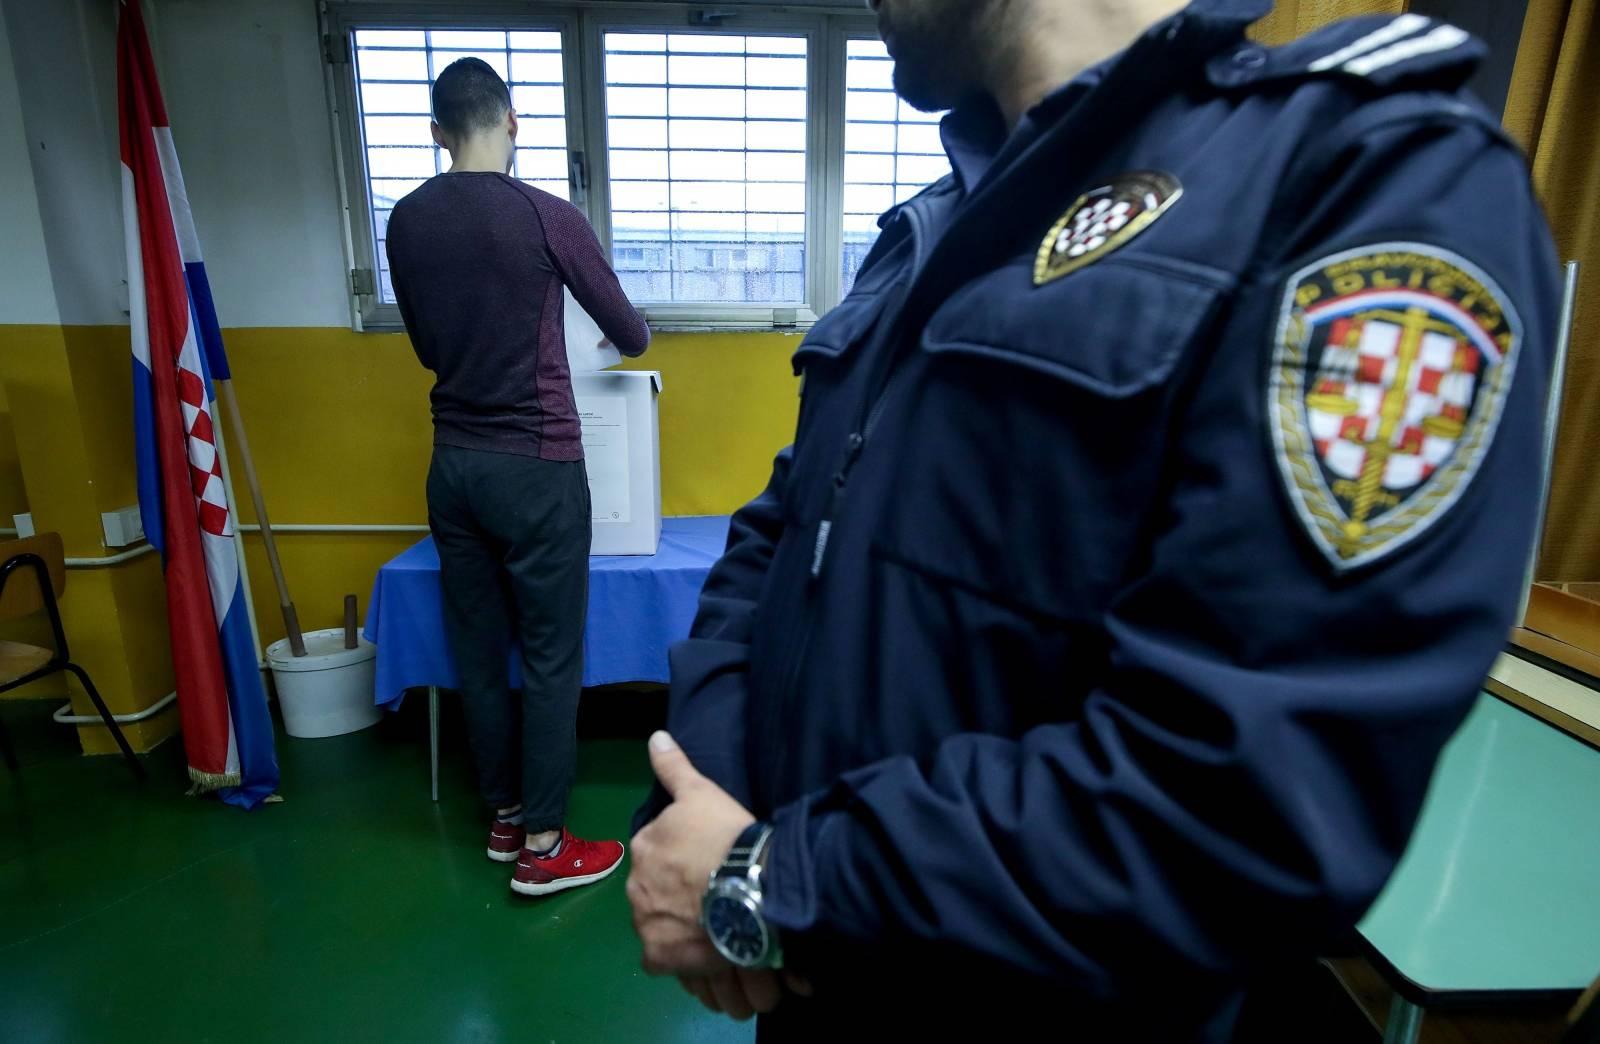 Zagreb: Zatvorenici u Remetincu glasovali za svog predsjedničkog kandidata